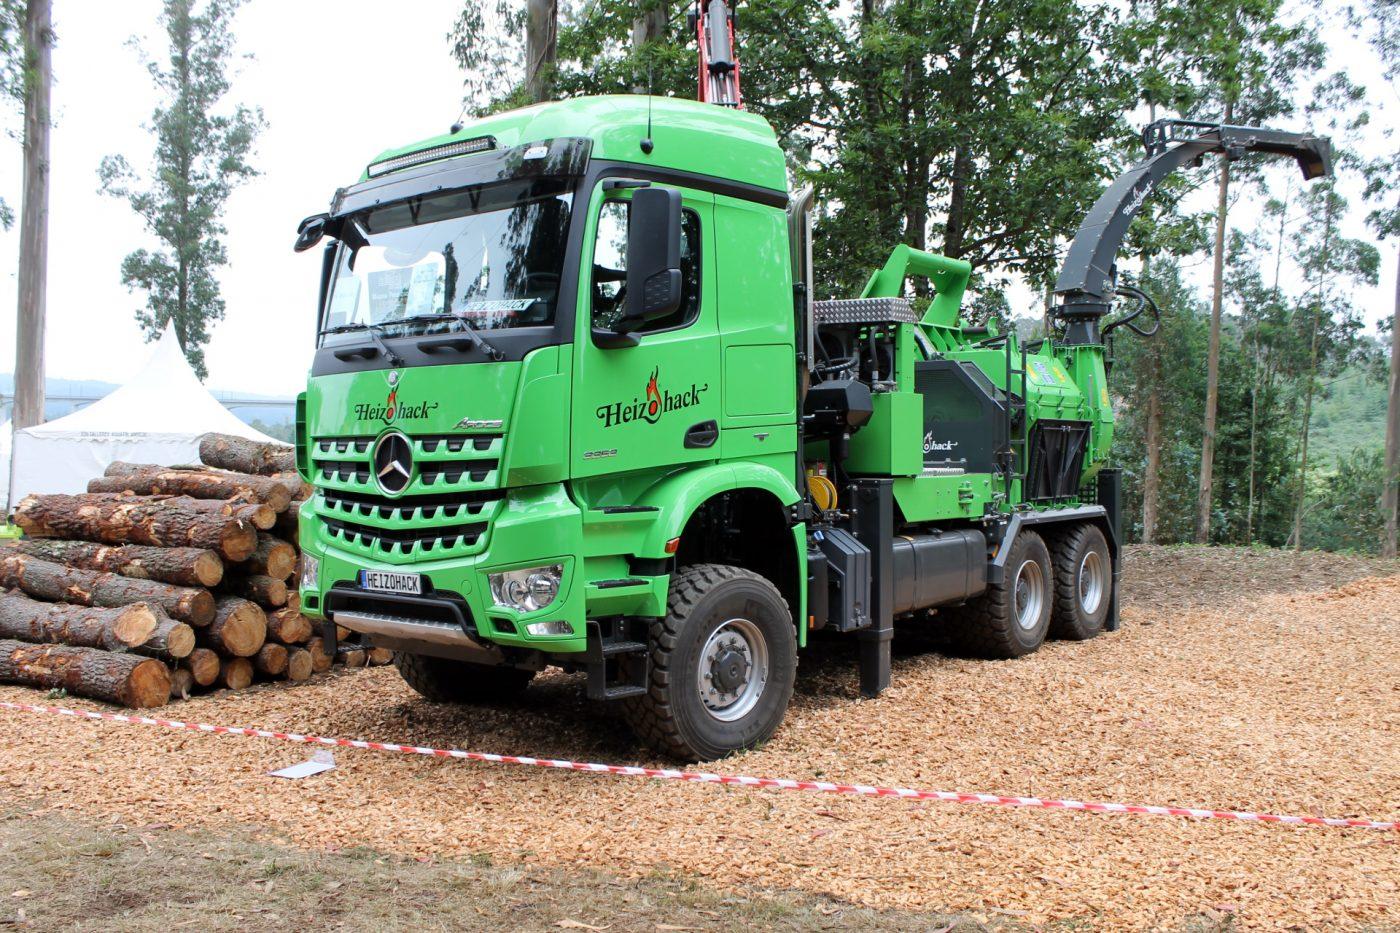 HEIZOMAT presenta el camión astillador Heizohack HM 14-860 KL